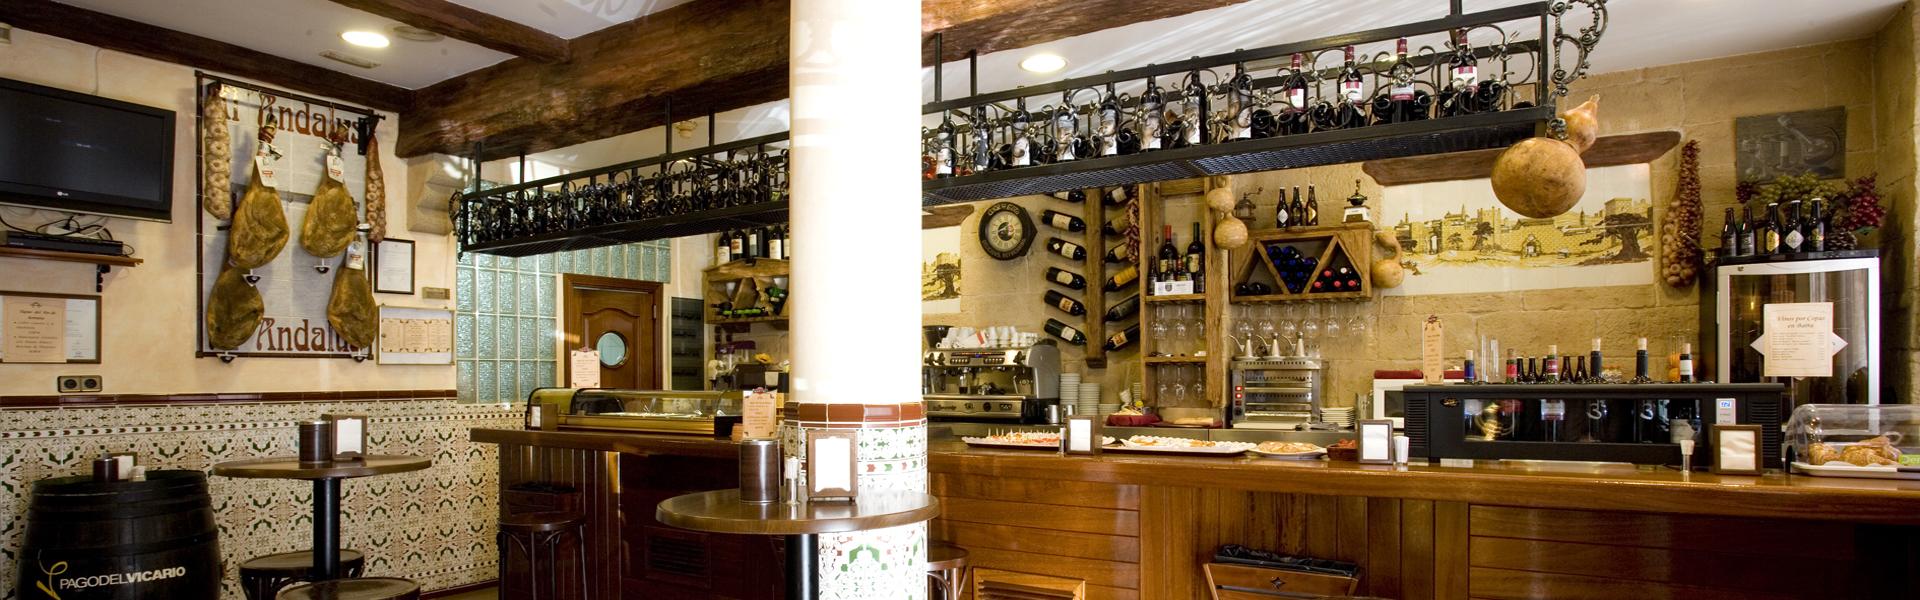 al-andalus barra bar